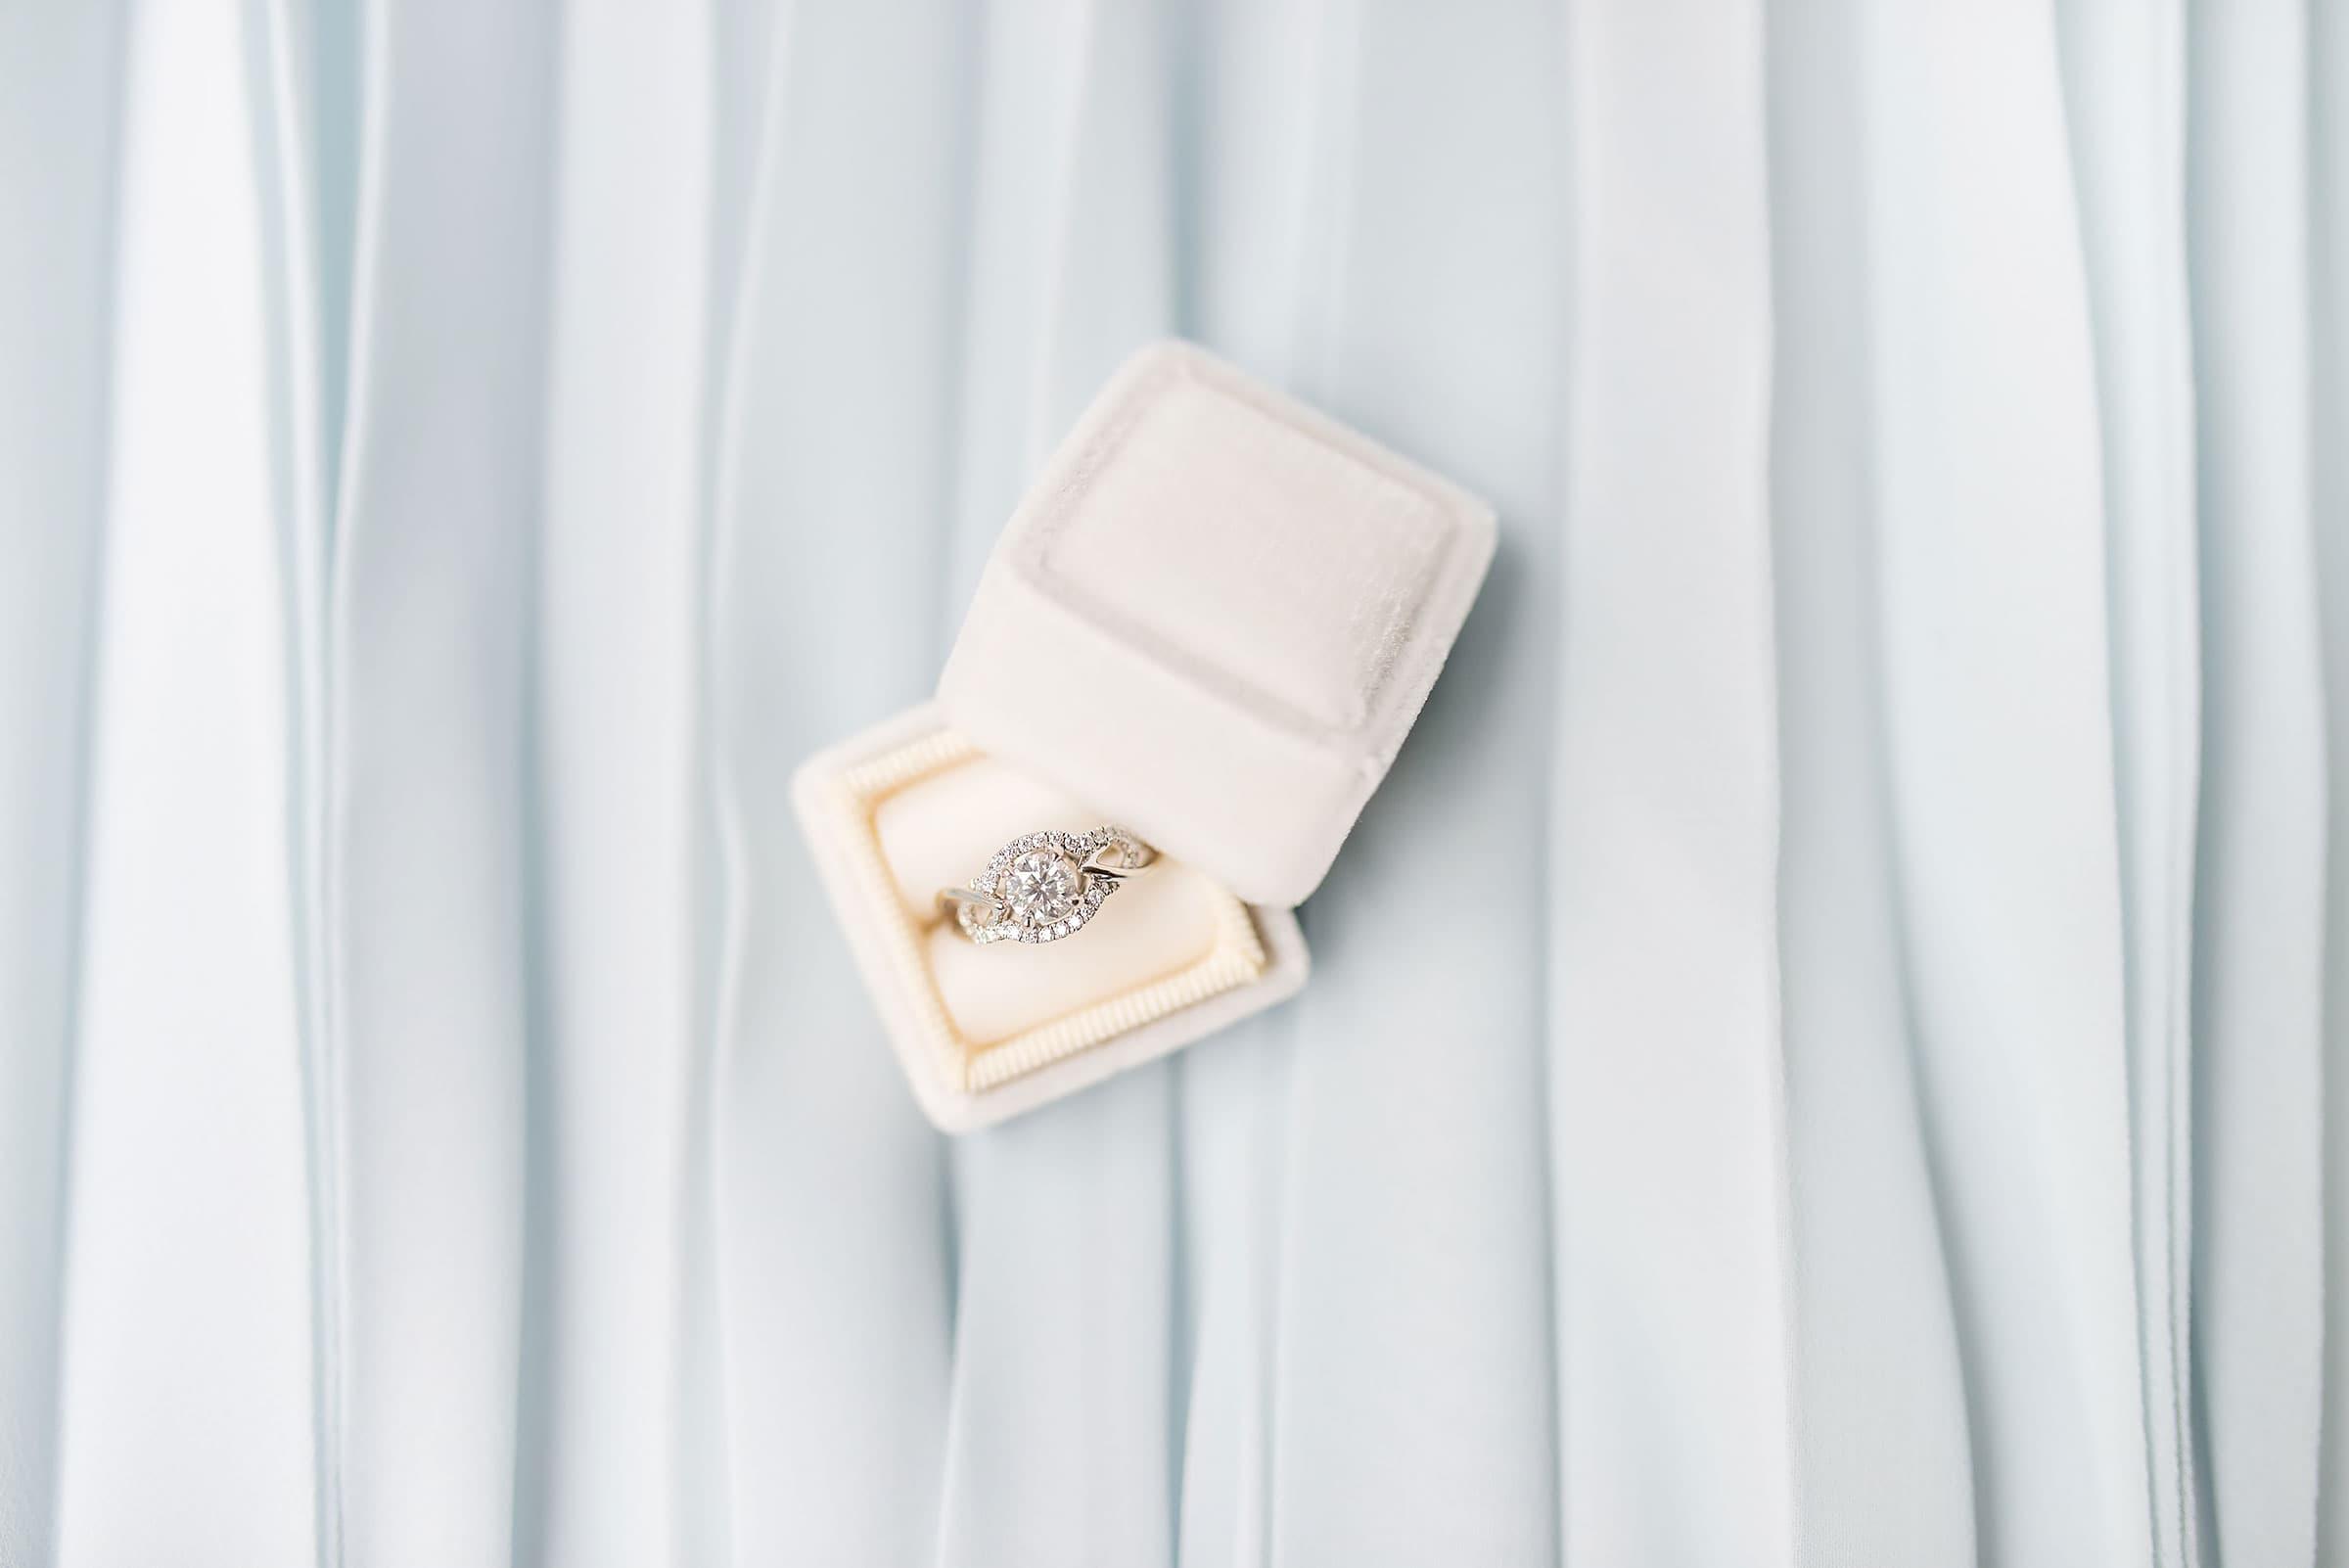 Inför bröllopet: här hittar du vigsel- och förlovningsringar i Stockholm